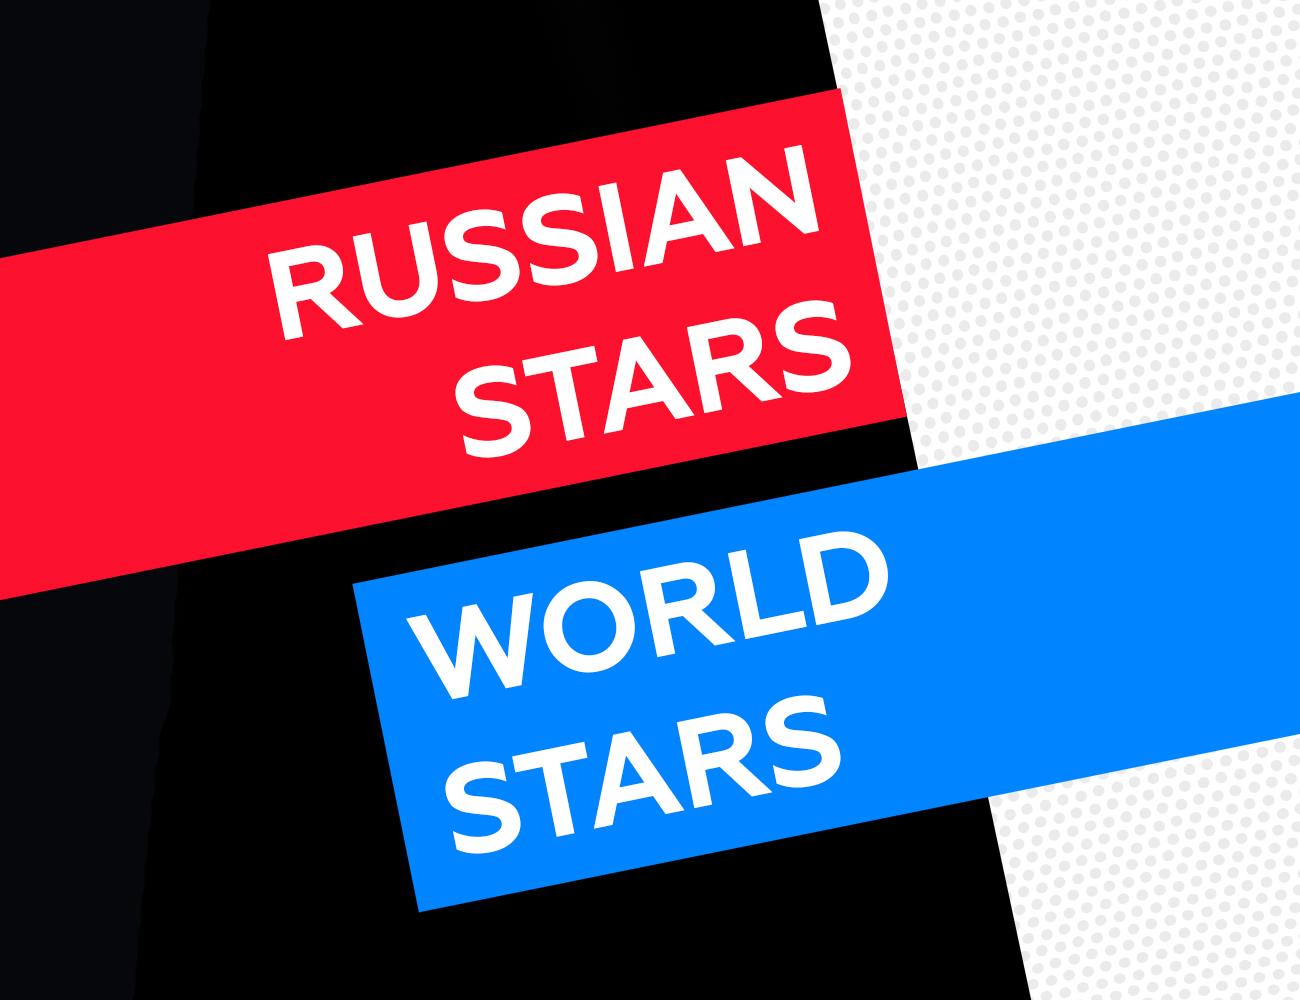 Определились составы «Звезд России» и «Звезд Мира» на Матч Звезд. Итоги голосования СМИ